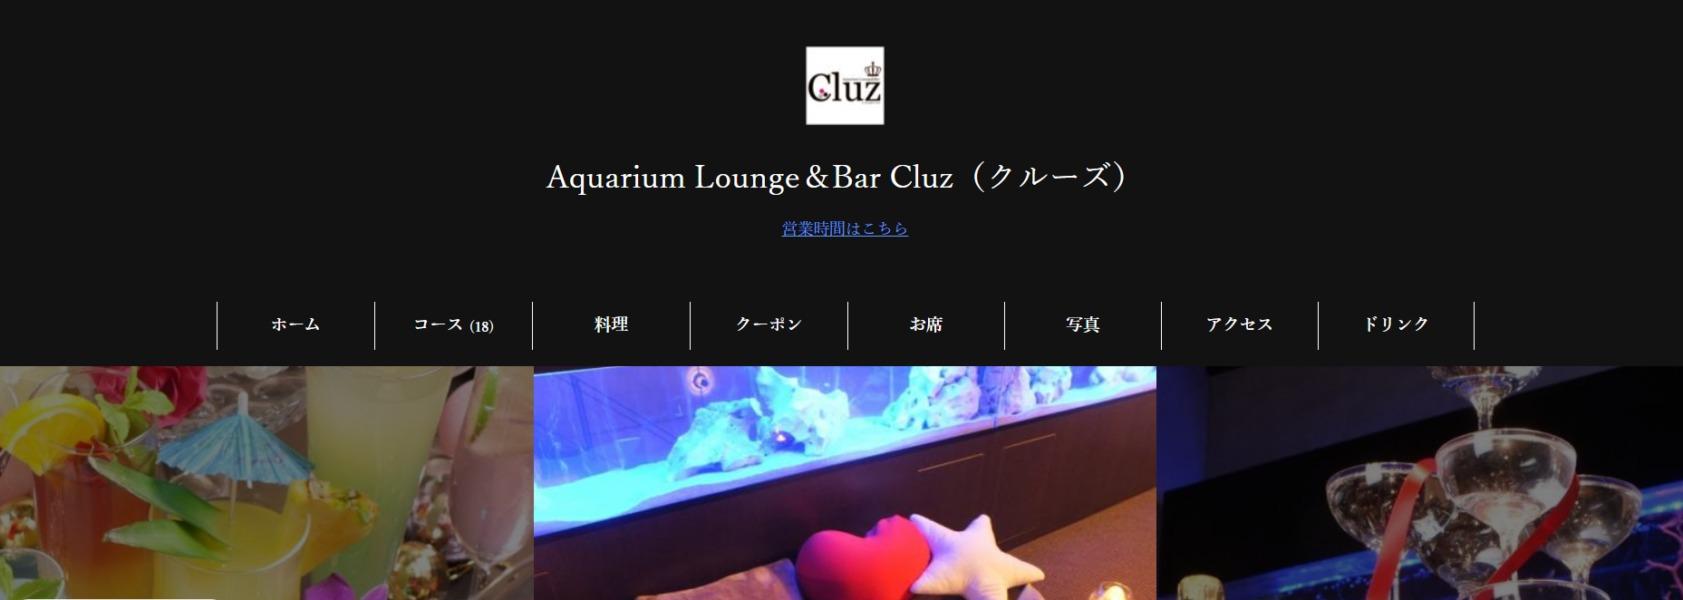 水槽があるバー、ダイニング例⑤Aquarium Lounge&Bar Cluz クルーズ吉祥寺